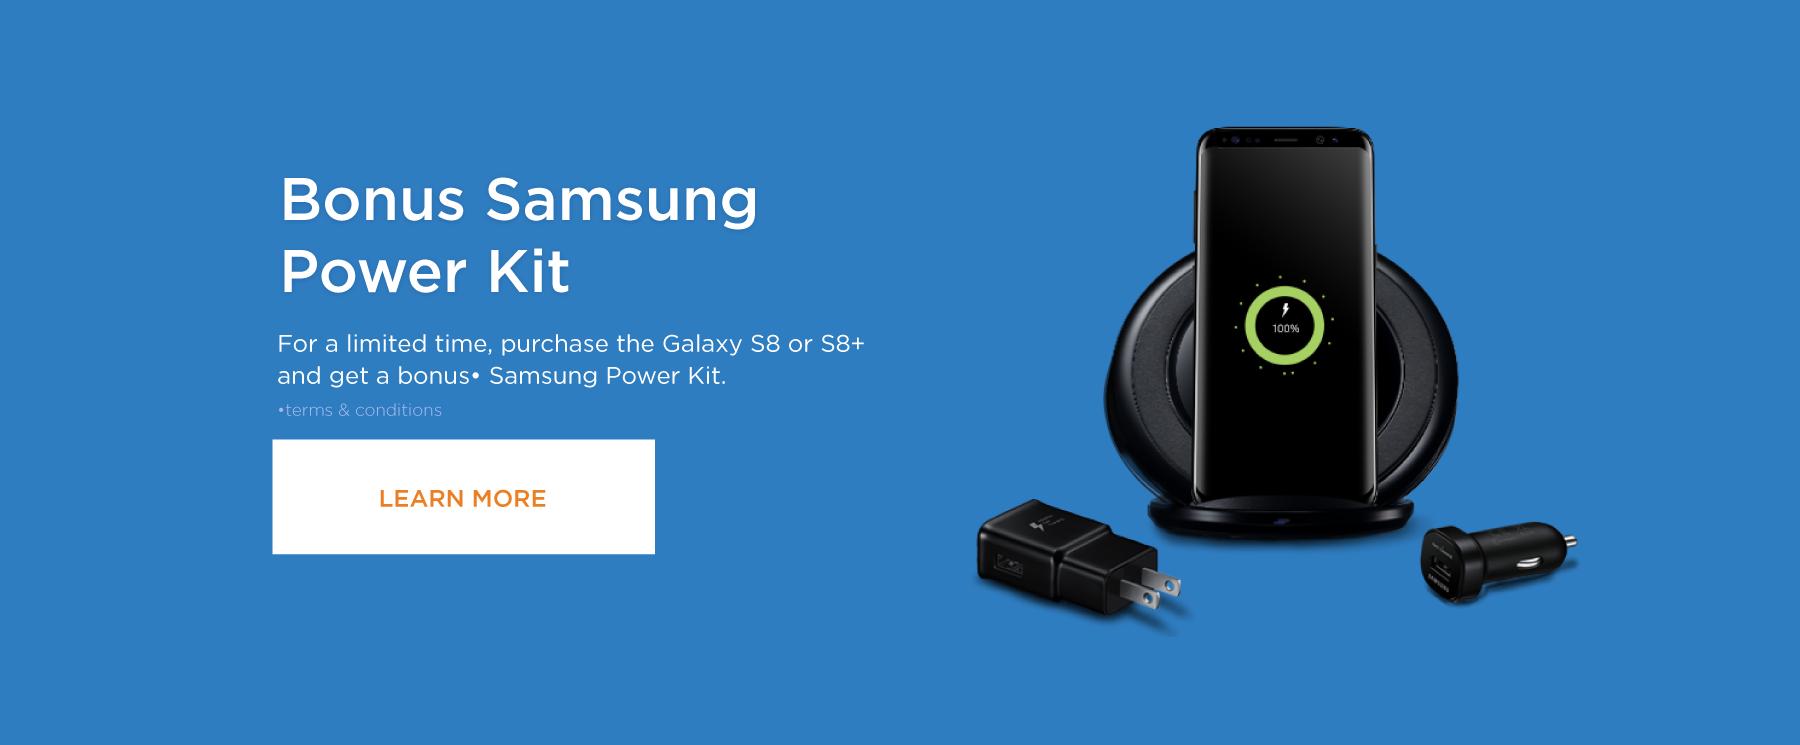 Bonus Samsung Power Kit